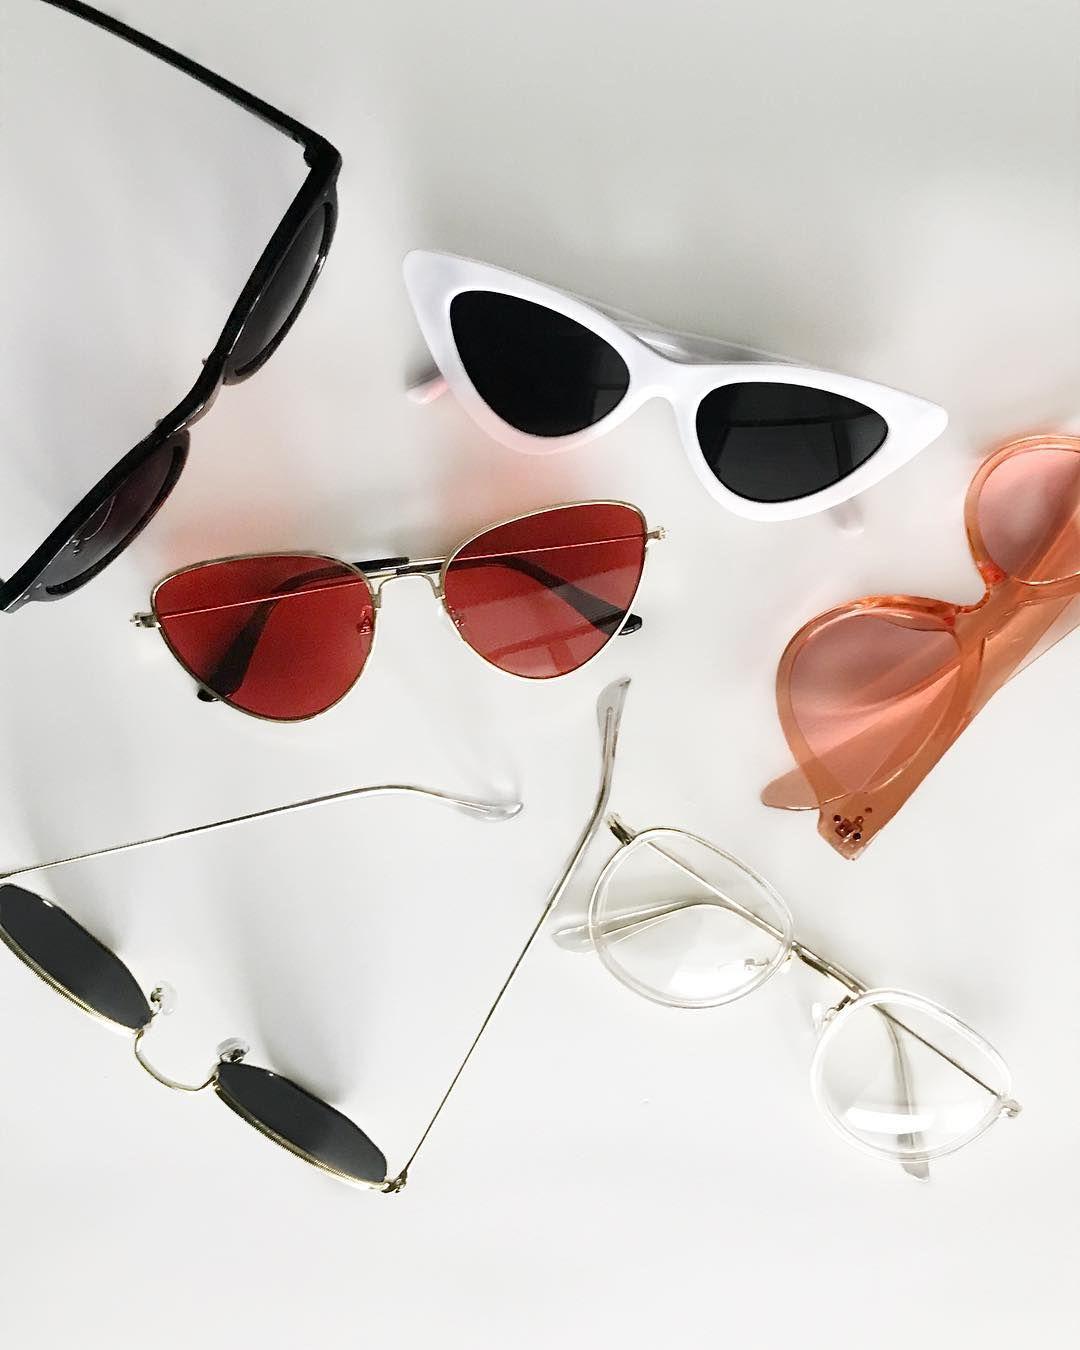 f5b20c58050e2 I N S T A G R A M   CHANECOLOJA 🕶 Quem aí ama um óculos retrô  Nós amamos  tanto que